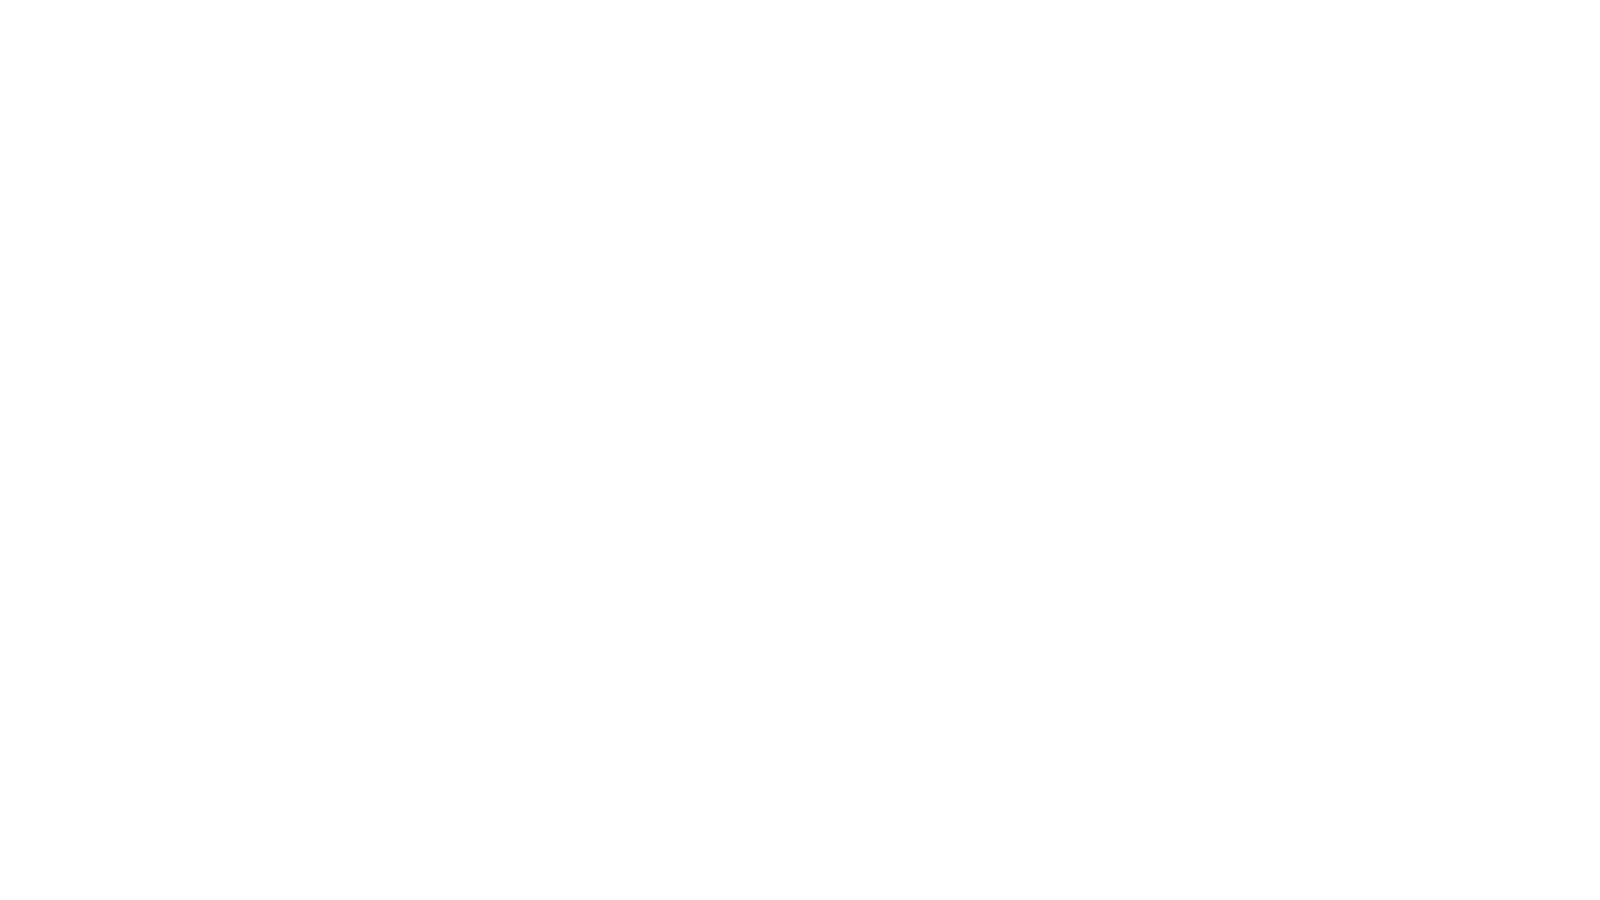 Sabemos que se han detectado variantes del COVID-19 en nuestro estado de Washington. ¿Y ahora qué? Tus amigos de Grays Harbor RISE explican sobre este informe y proveen medidas que podemos tomar para seguir cuidando la salud de nuestra comunidad.  Información para recibir el mejor nivel de protección de su mascarilla: espanol.cdc.gov/coronavirus/2019-ncov/your-health/effective-masks.html  ¿Preguntas? Llame al Centro Bilingüe de Recursos por COVID-19 al (360) 964-1850, de lunes a viernes de las 8:30 a.m. a las 4 p.m., y los sábados, domingos y días festivos de las 10 a.m. a las 2 p.m.